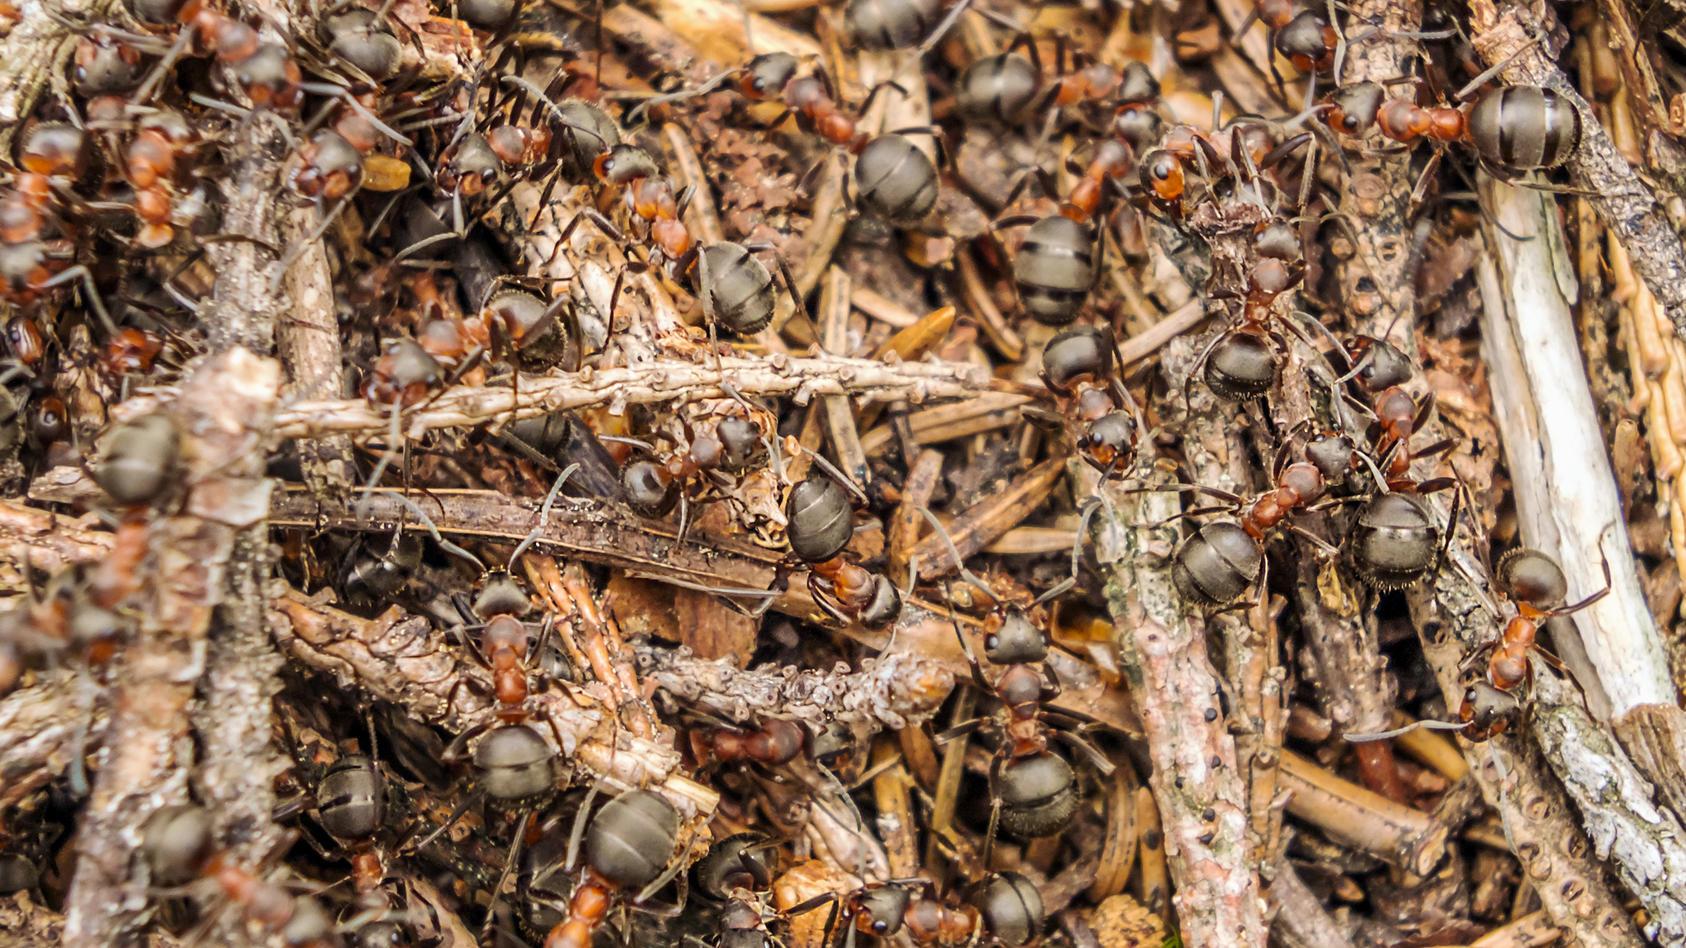 Ameisensäure ist eine stechend riechende Flüssigkeit bei Zimmertemperatur, die unter anderem in den Giftdrüsen von Ameisen, in Brennnesseln und in den Nesselkapseln der Hohltiere vorkommt.